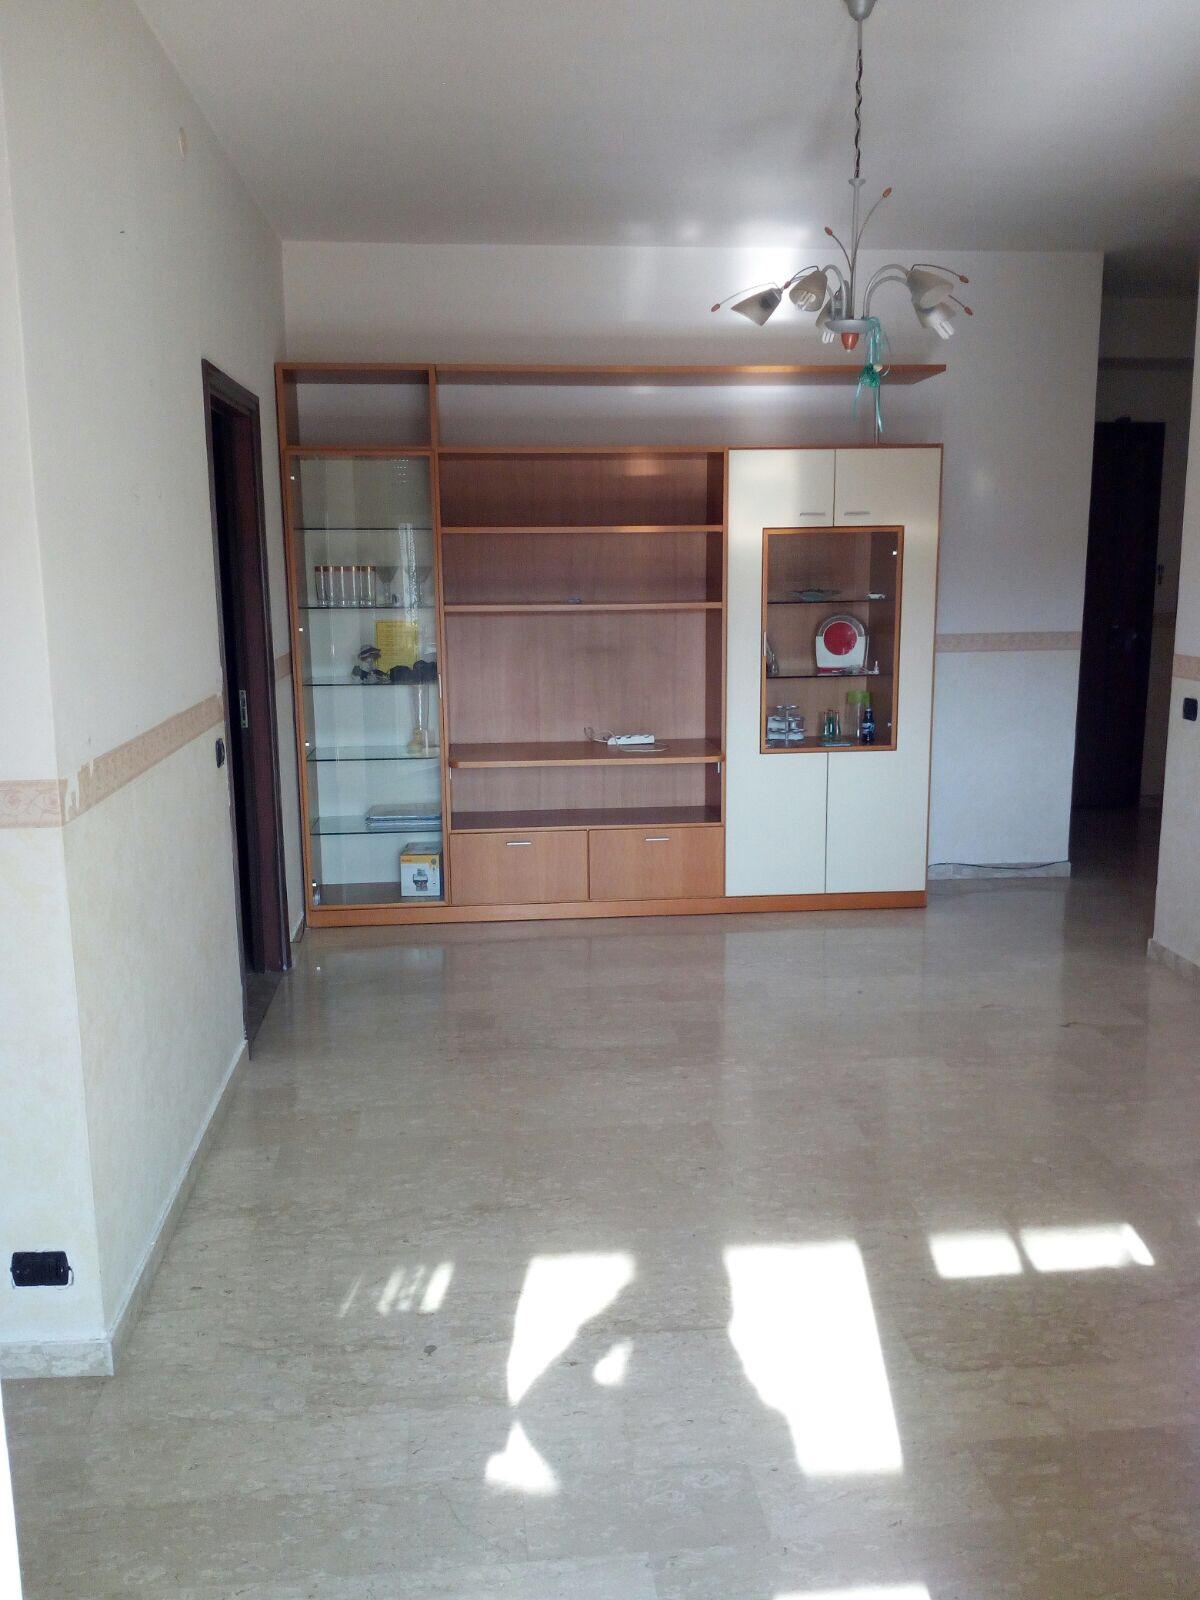 Appartamento in vendita a Lugo, 6 locali, prezzo € 120.000 | CambioCasa.it